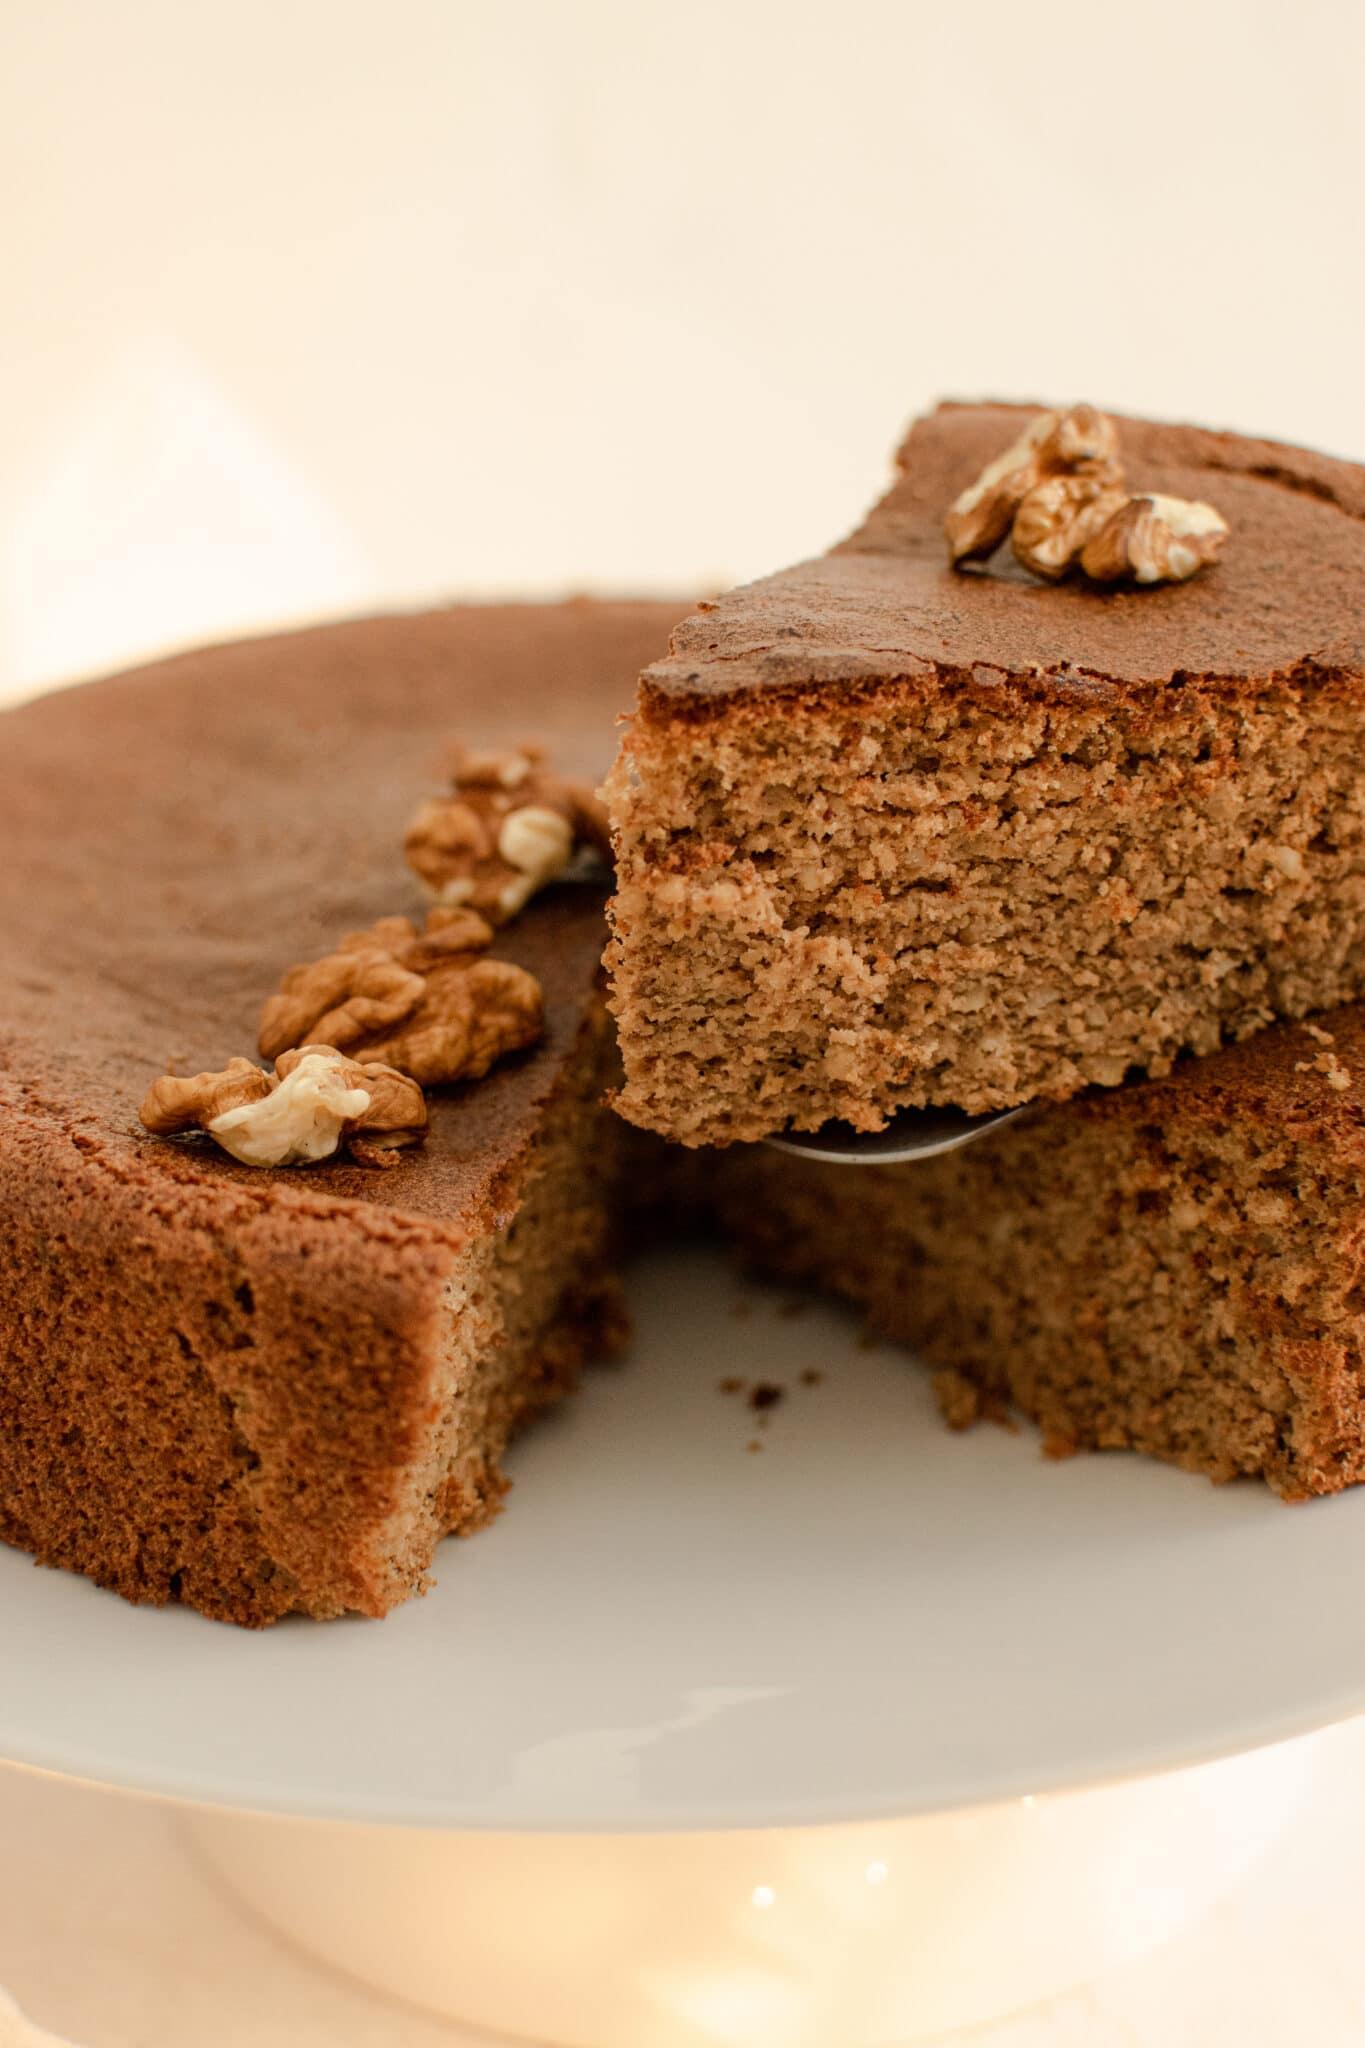 Gâteau aux noix sans gluten découpé